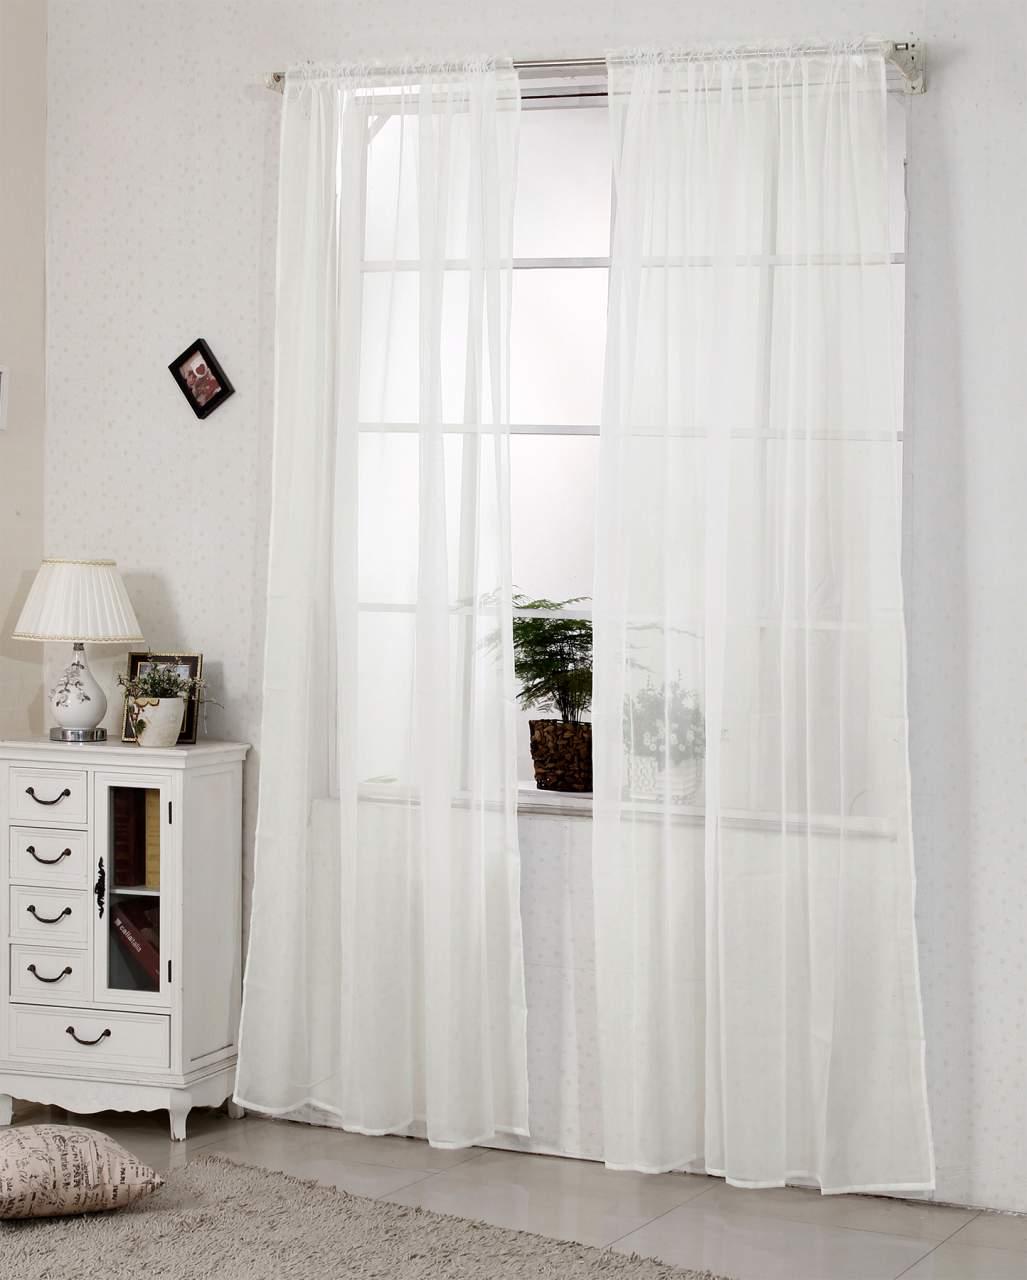 Gardinen transparent mit Kräuselband Stores Voile für Schiene Fensterschal  Wohnzimmer